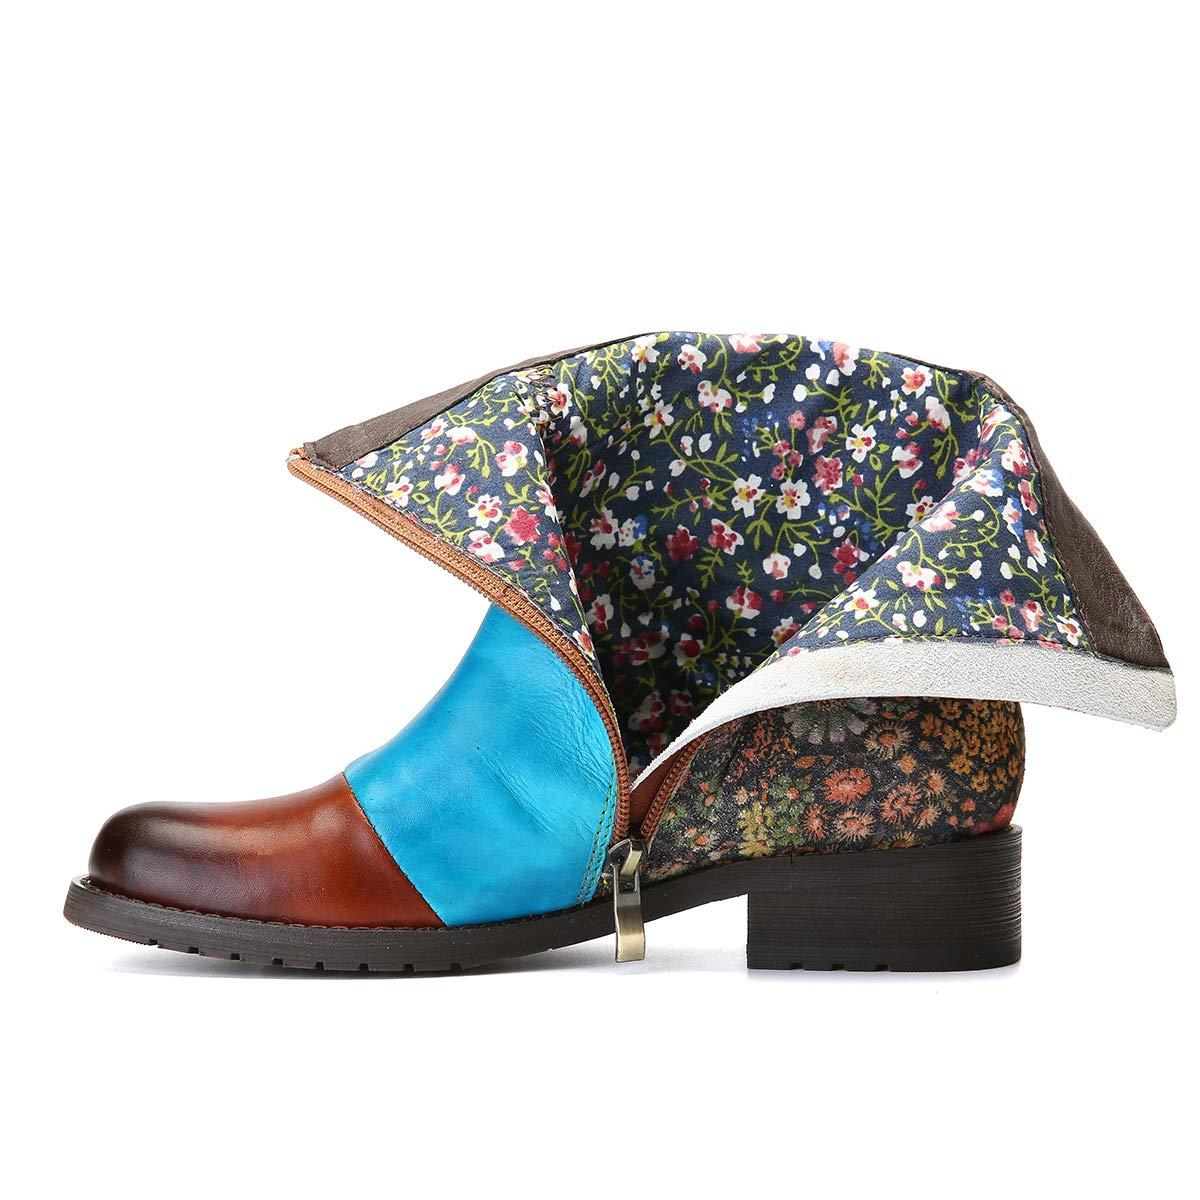 77ae9652b108e1 Camfosy Bottines Cuir Plates Femmes, Chaussures de Ville Hiver à Talons  Plats Bloc Moyens Boots avec ...